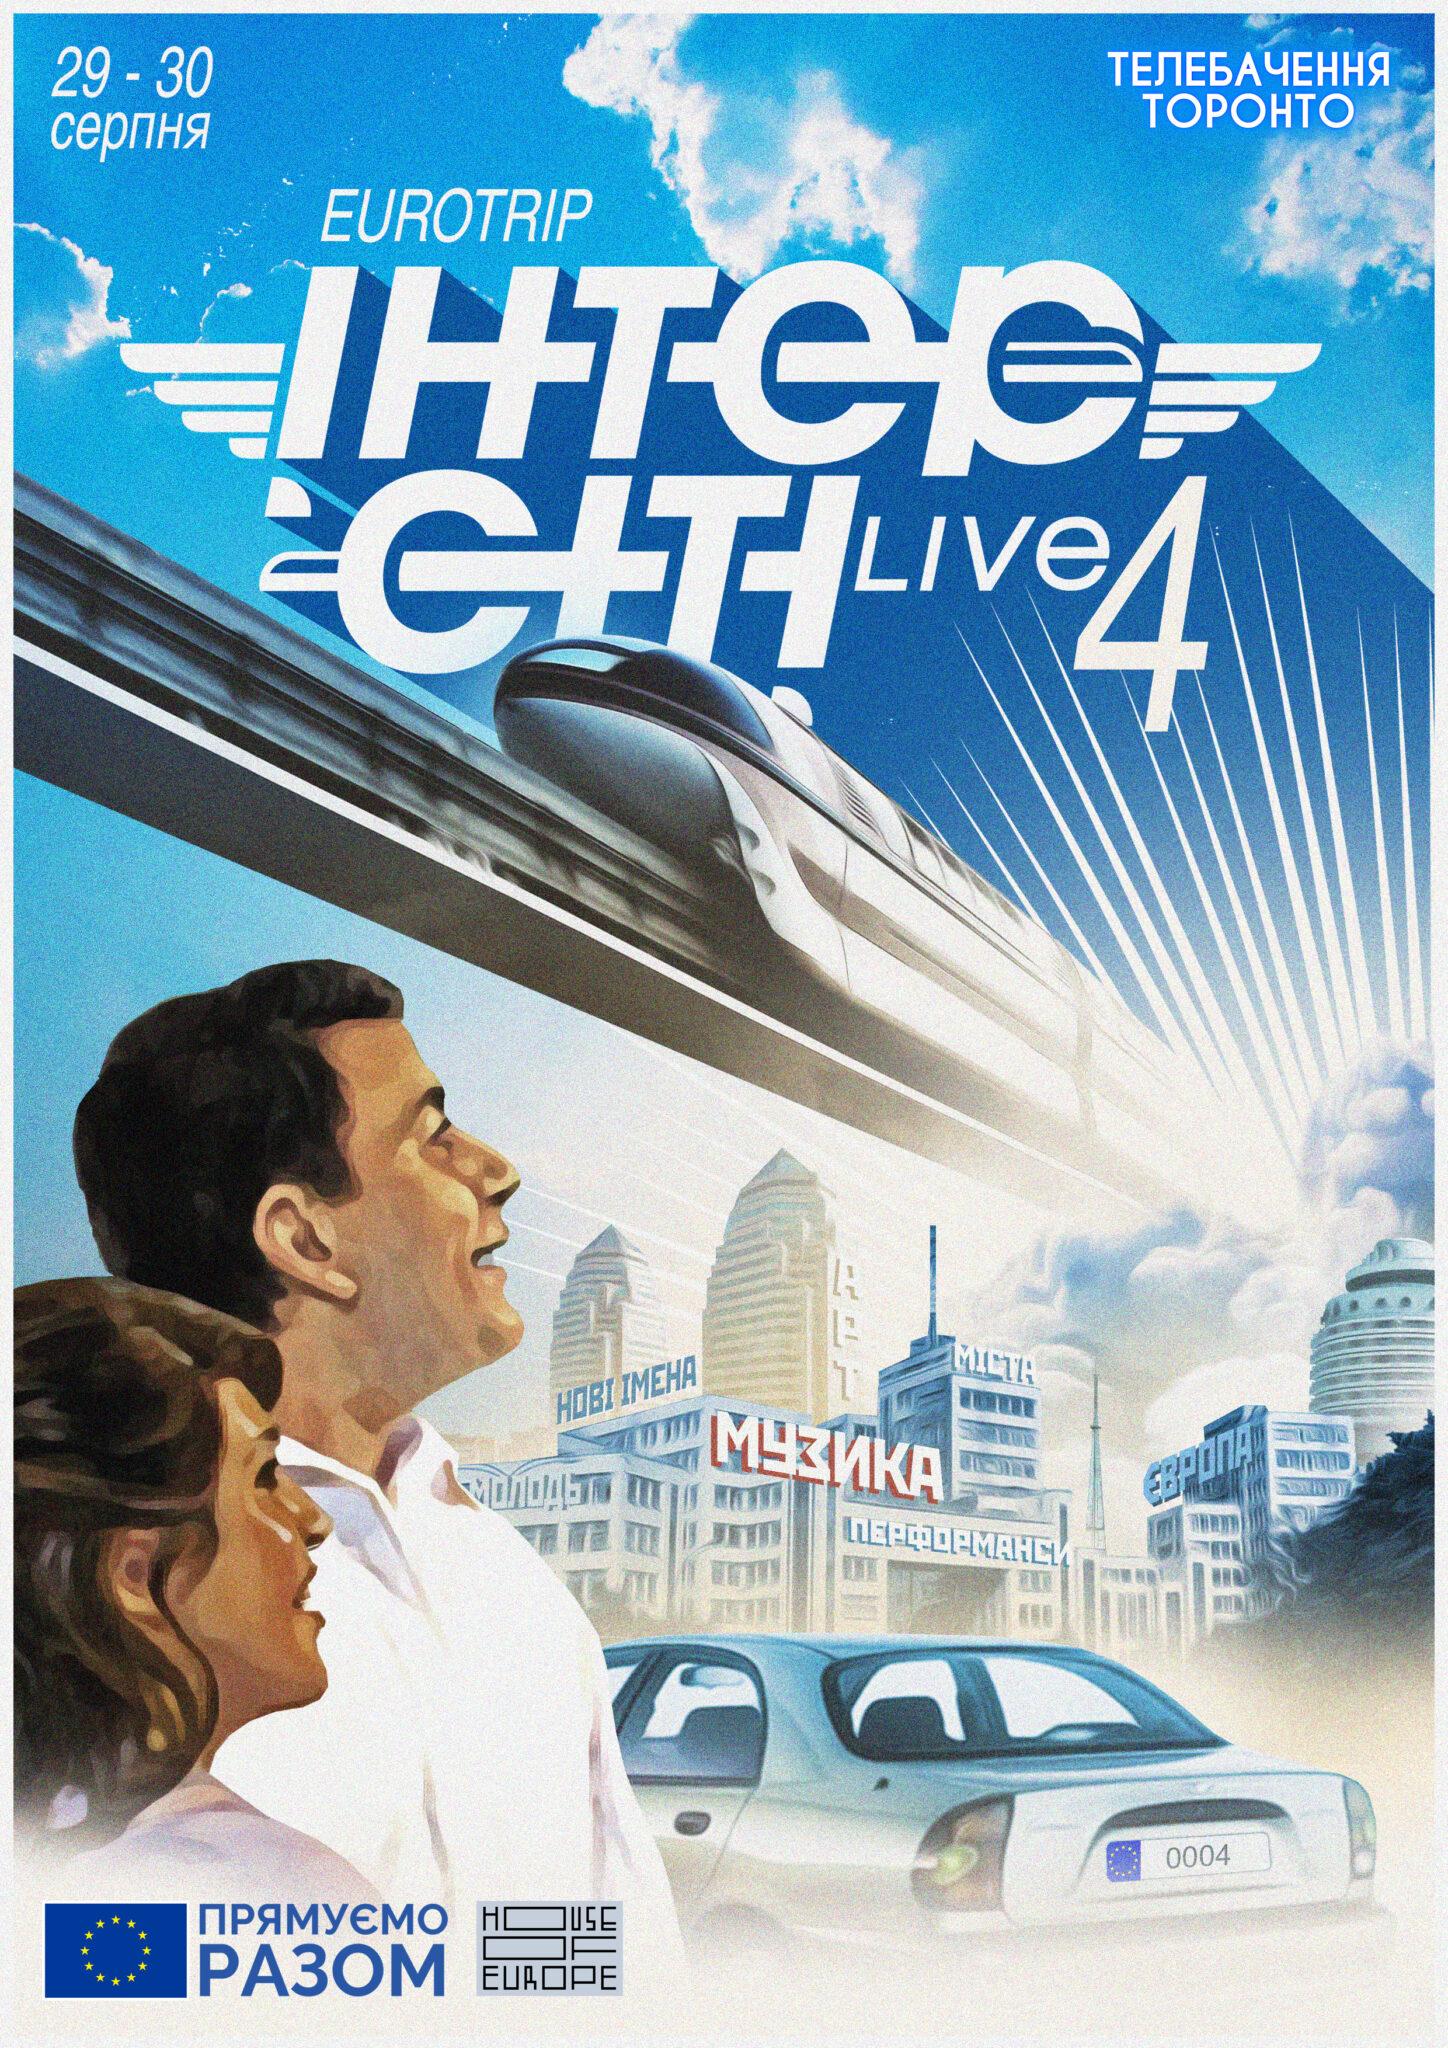 Intercity Live 4.0. Світле майбутнє і львівський анонс